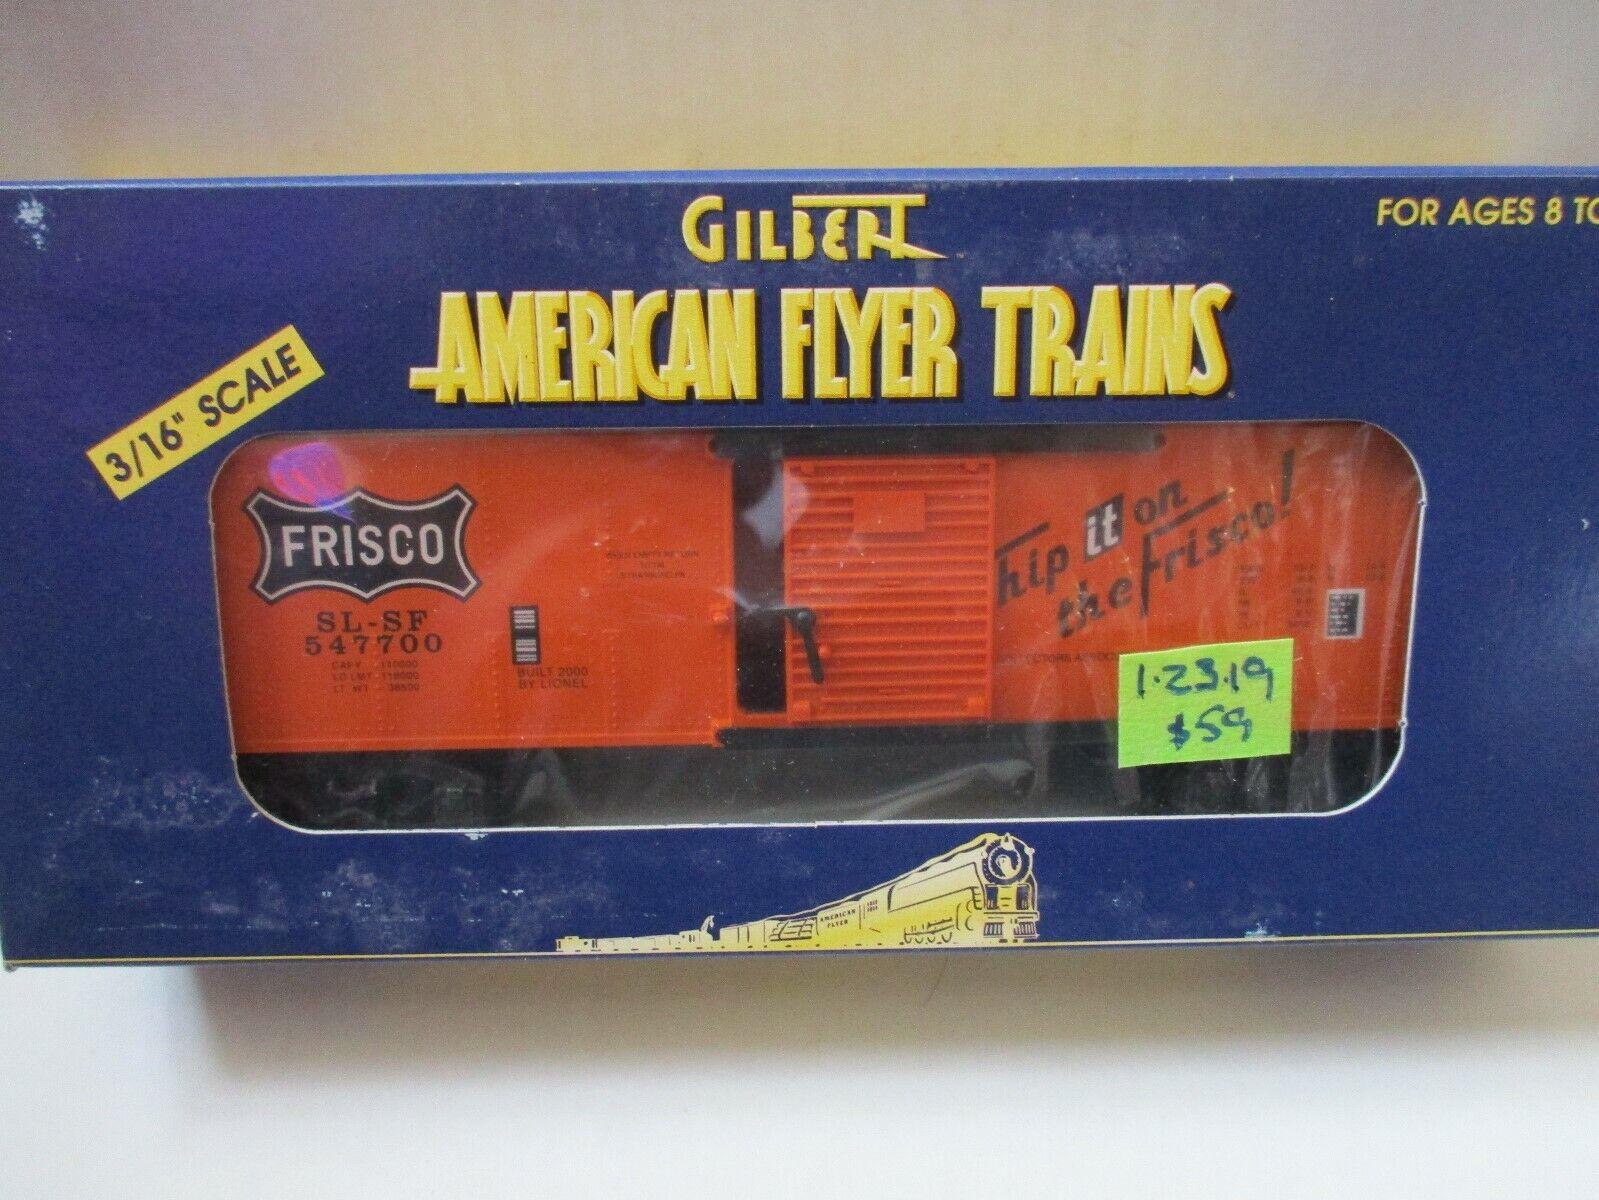 Am Flyer LTI 6-48219 Frisco boxcar (1 23 19)